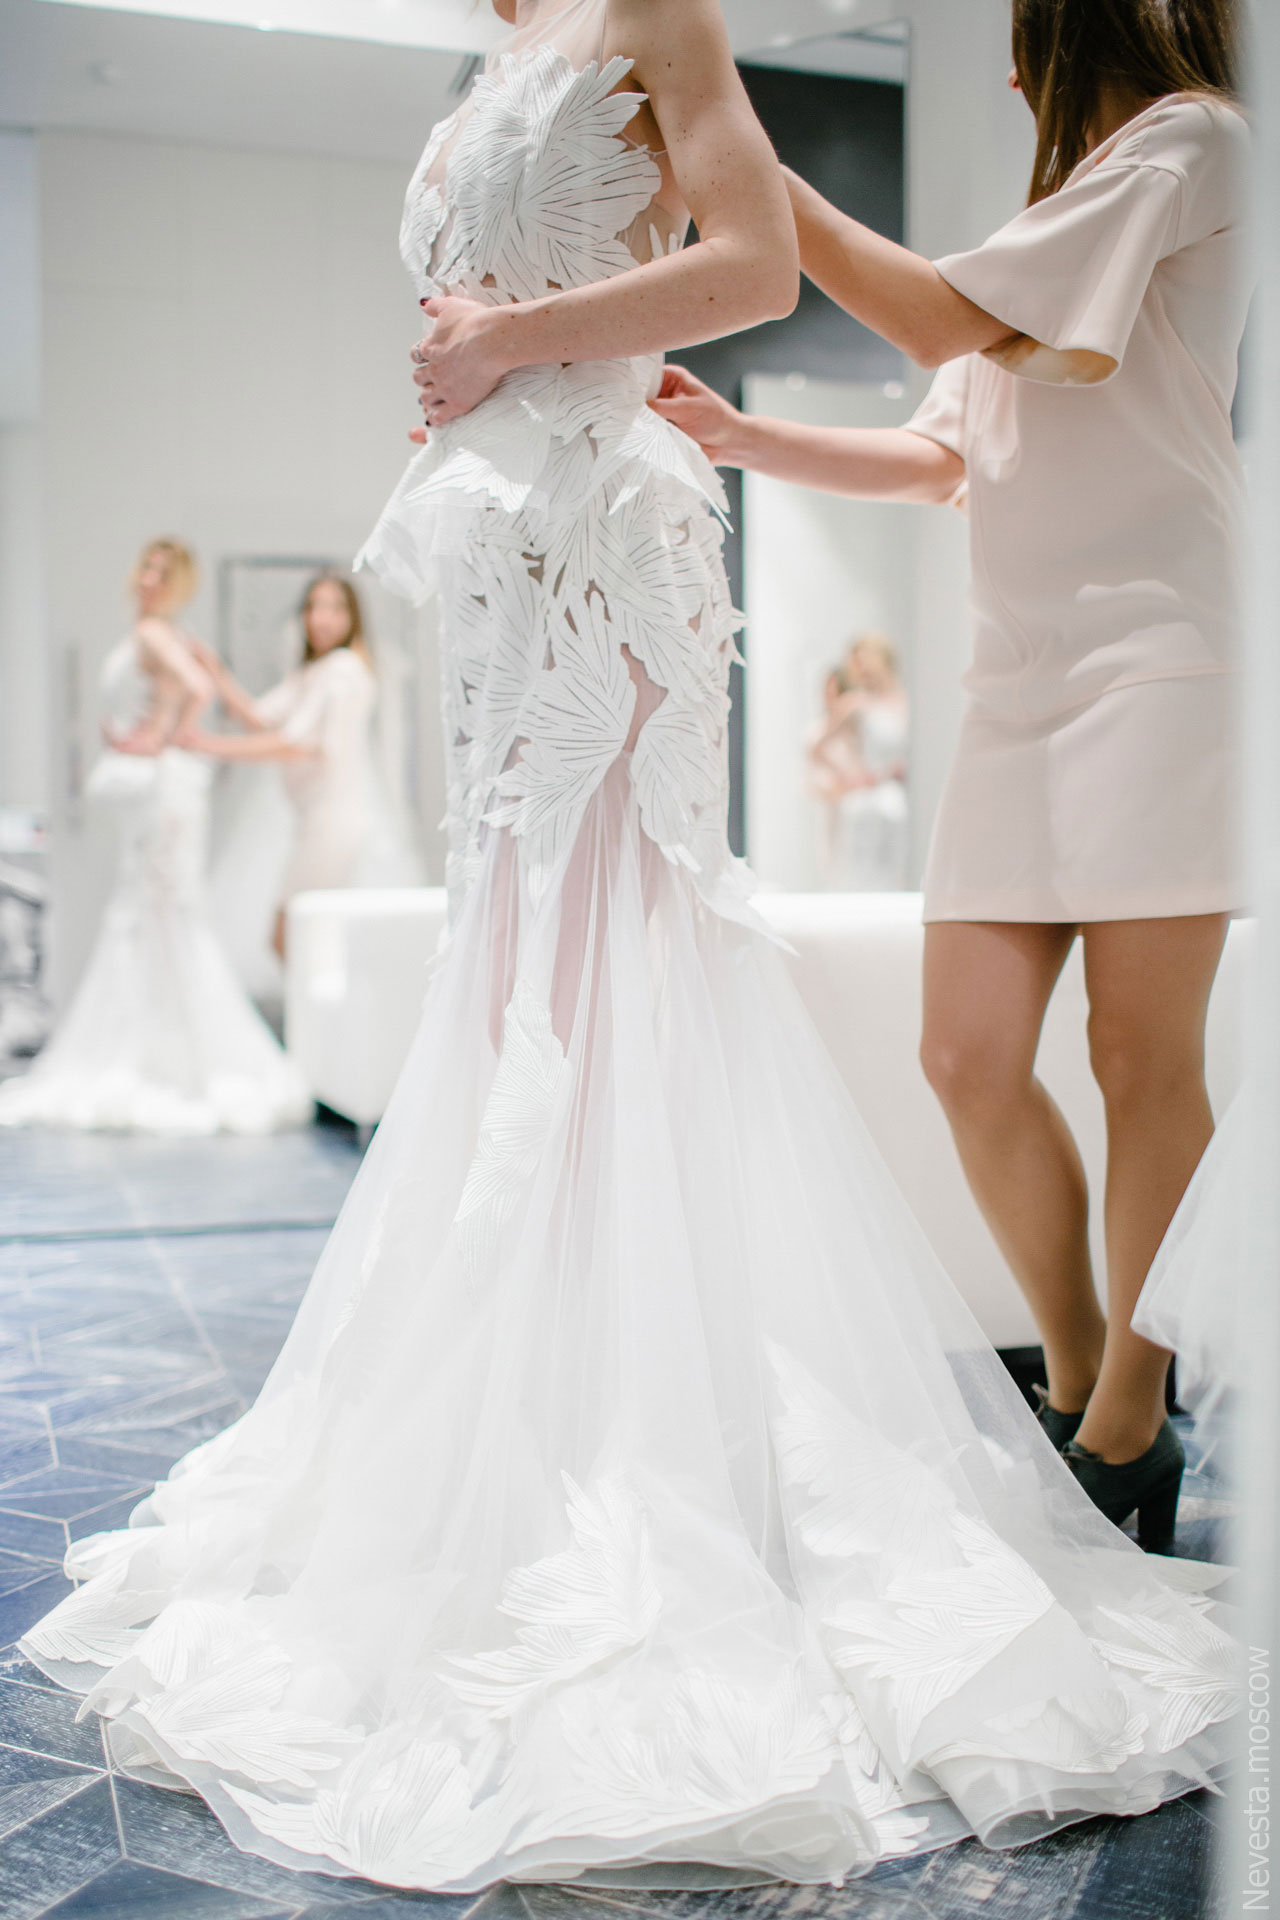 Юлианна Караулова примеряет образ для весенней свадьбы фото 5